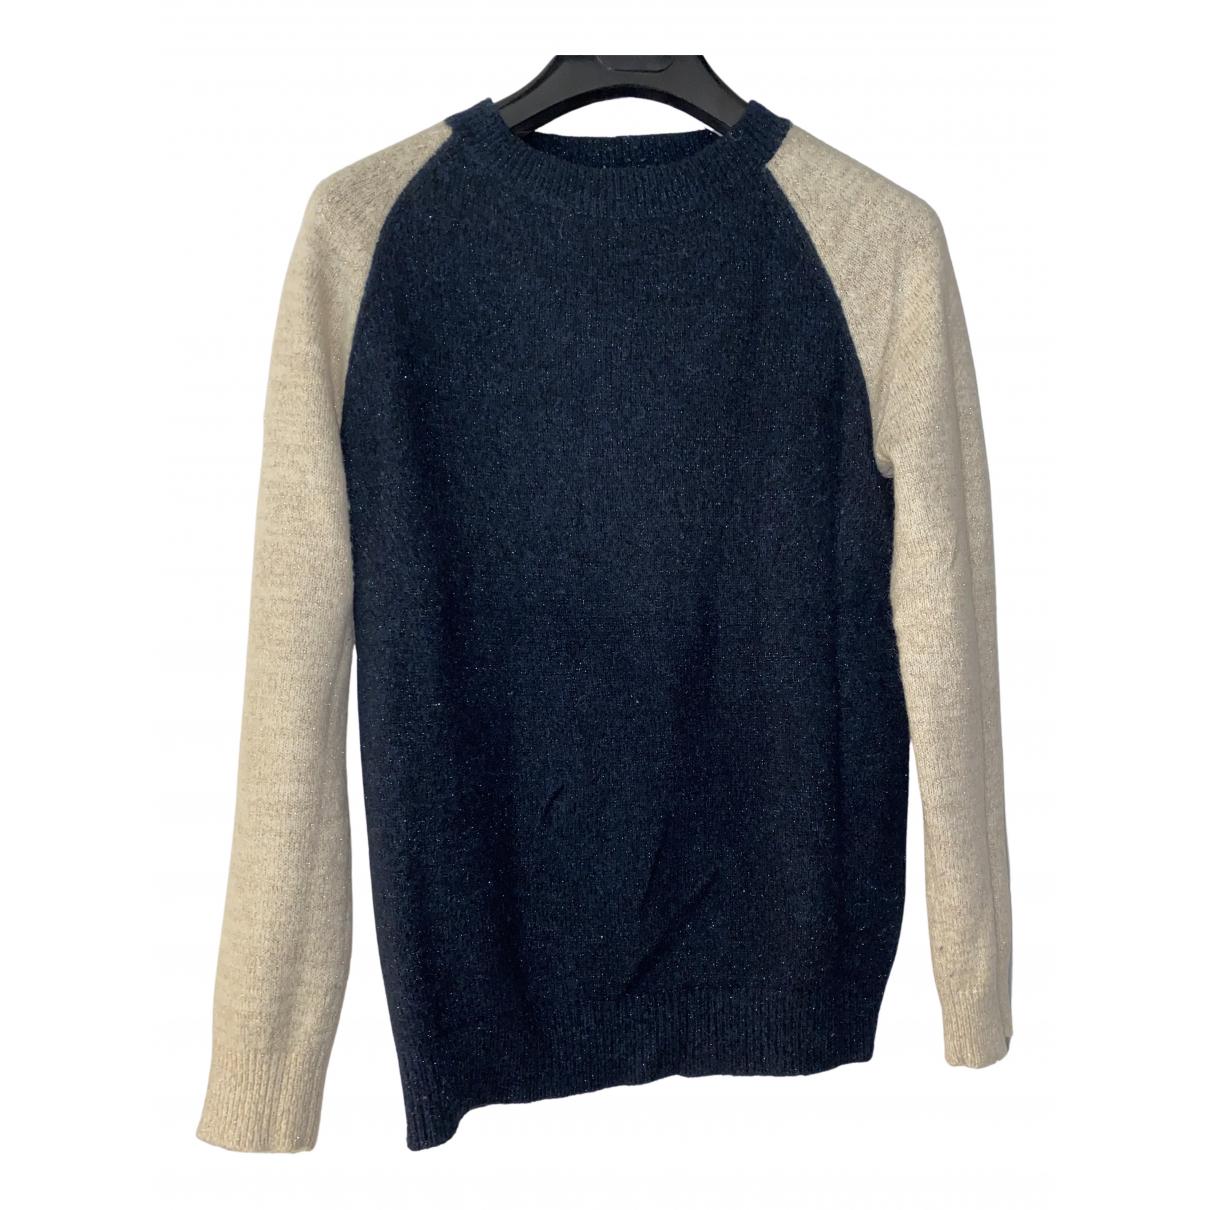 Bellerose \N Pullover in  Blau Wolle